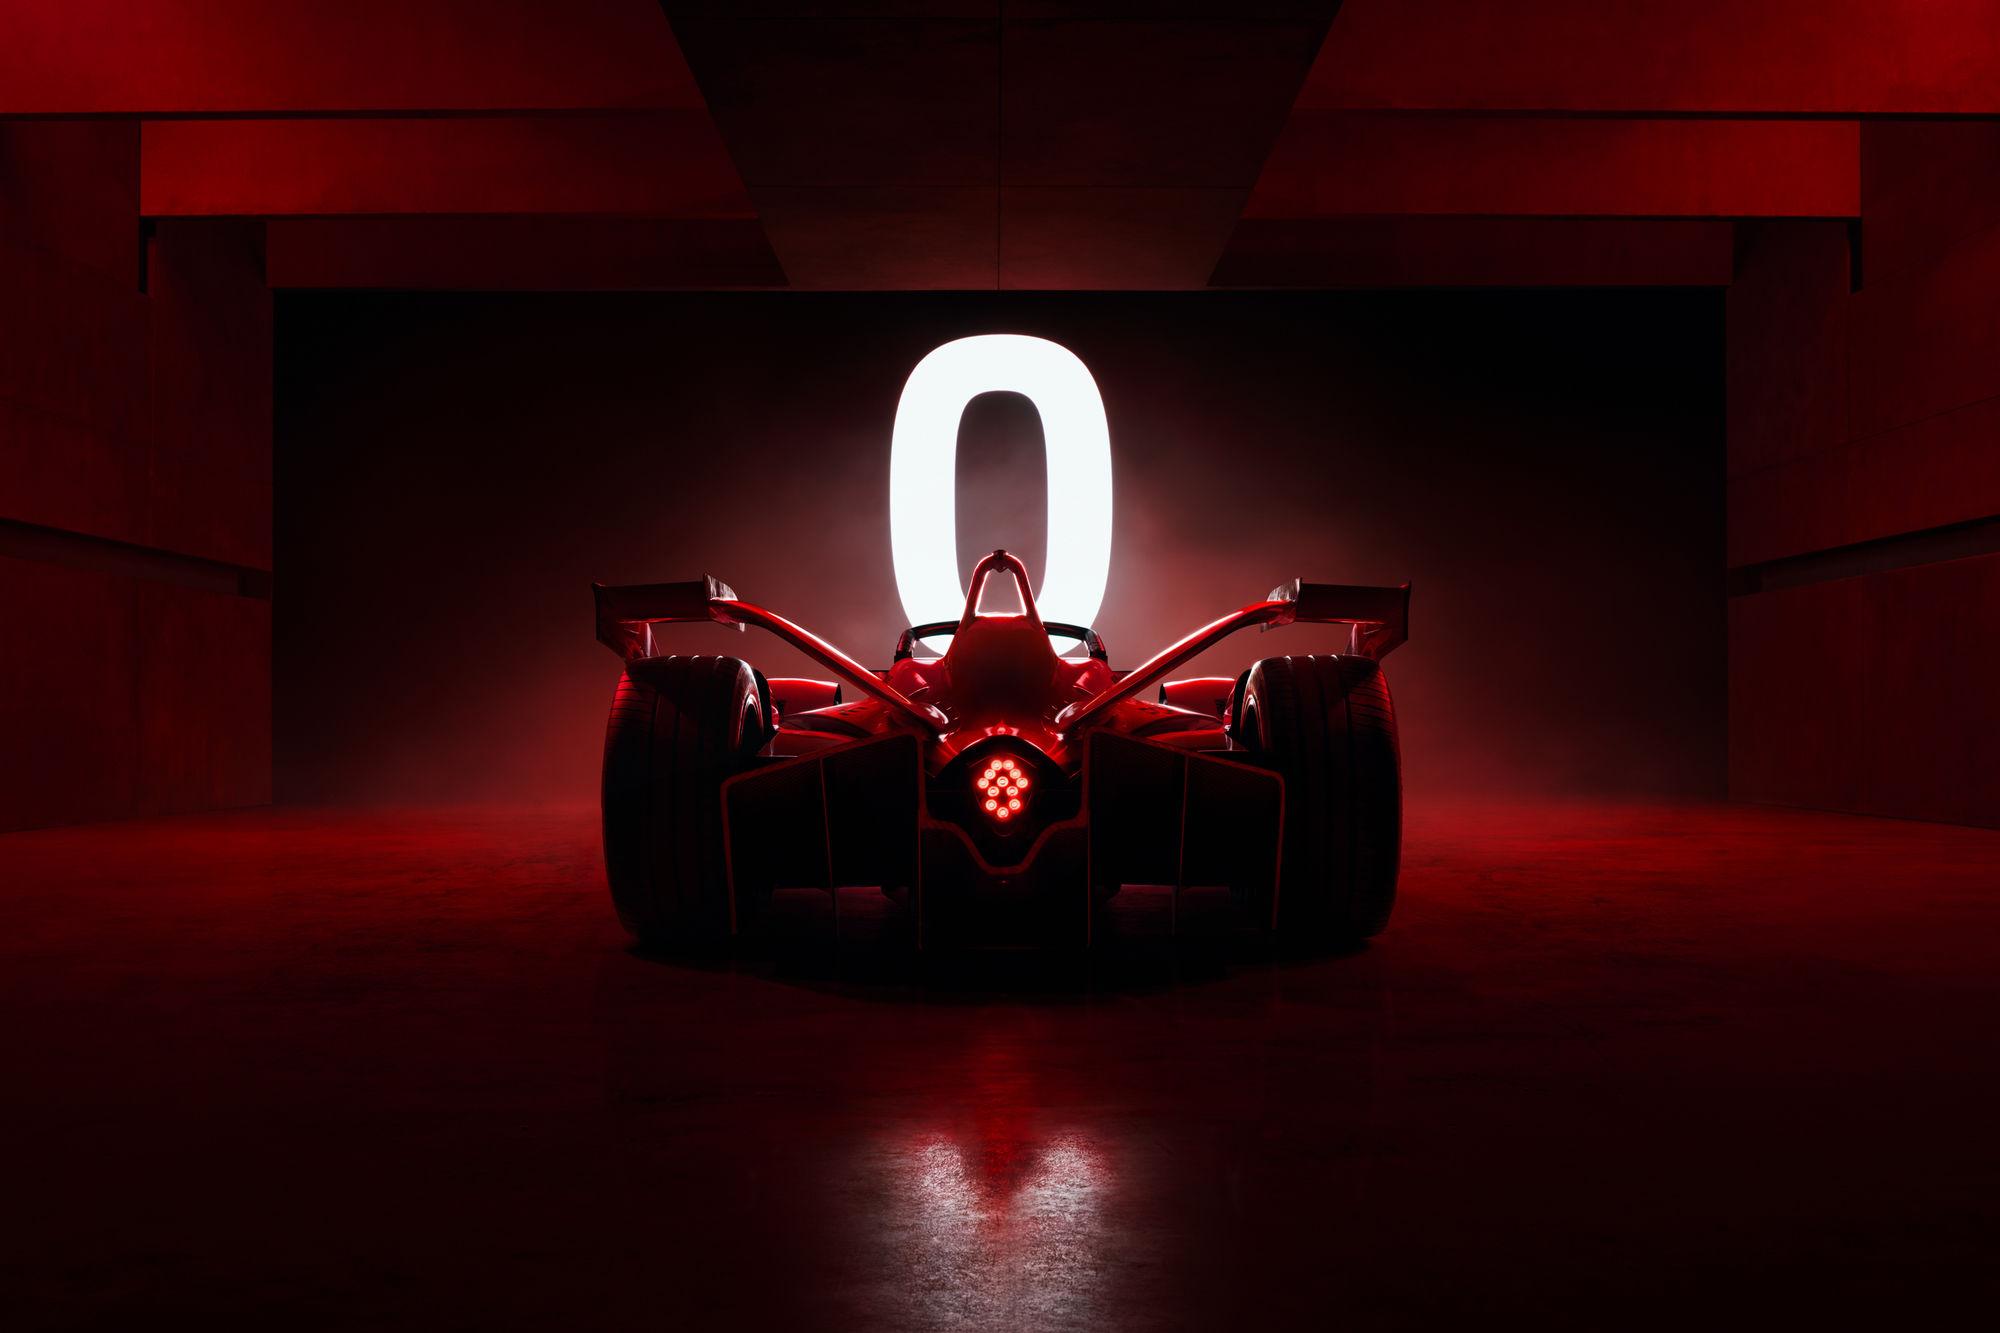 EMEIS DEUBEL: Pascal Schonlau shoots launch for Porsche Formula E